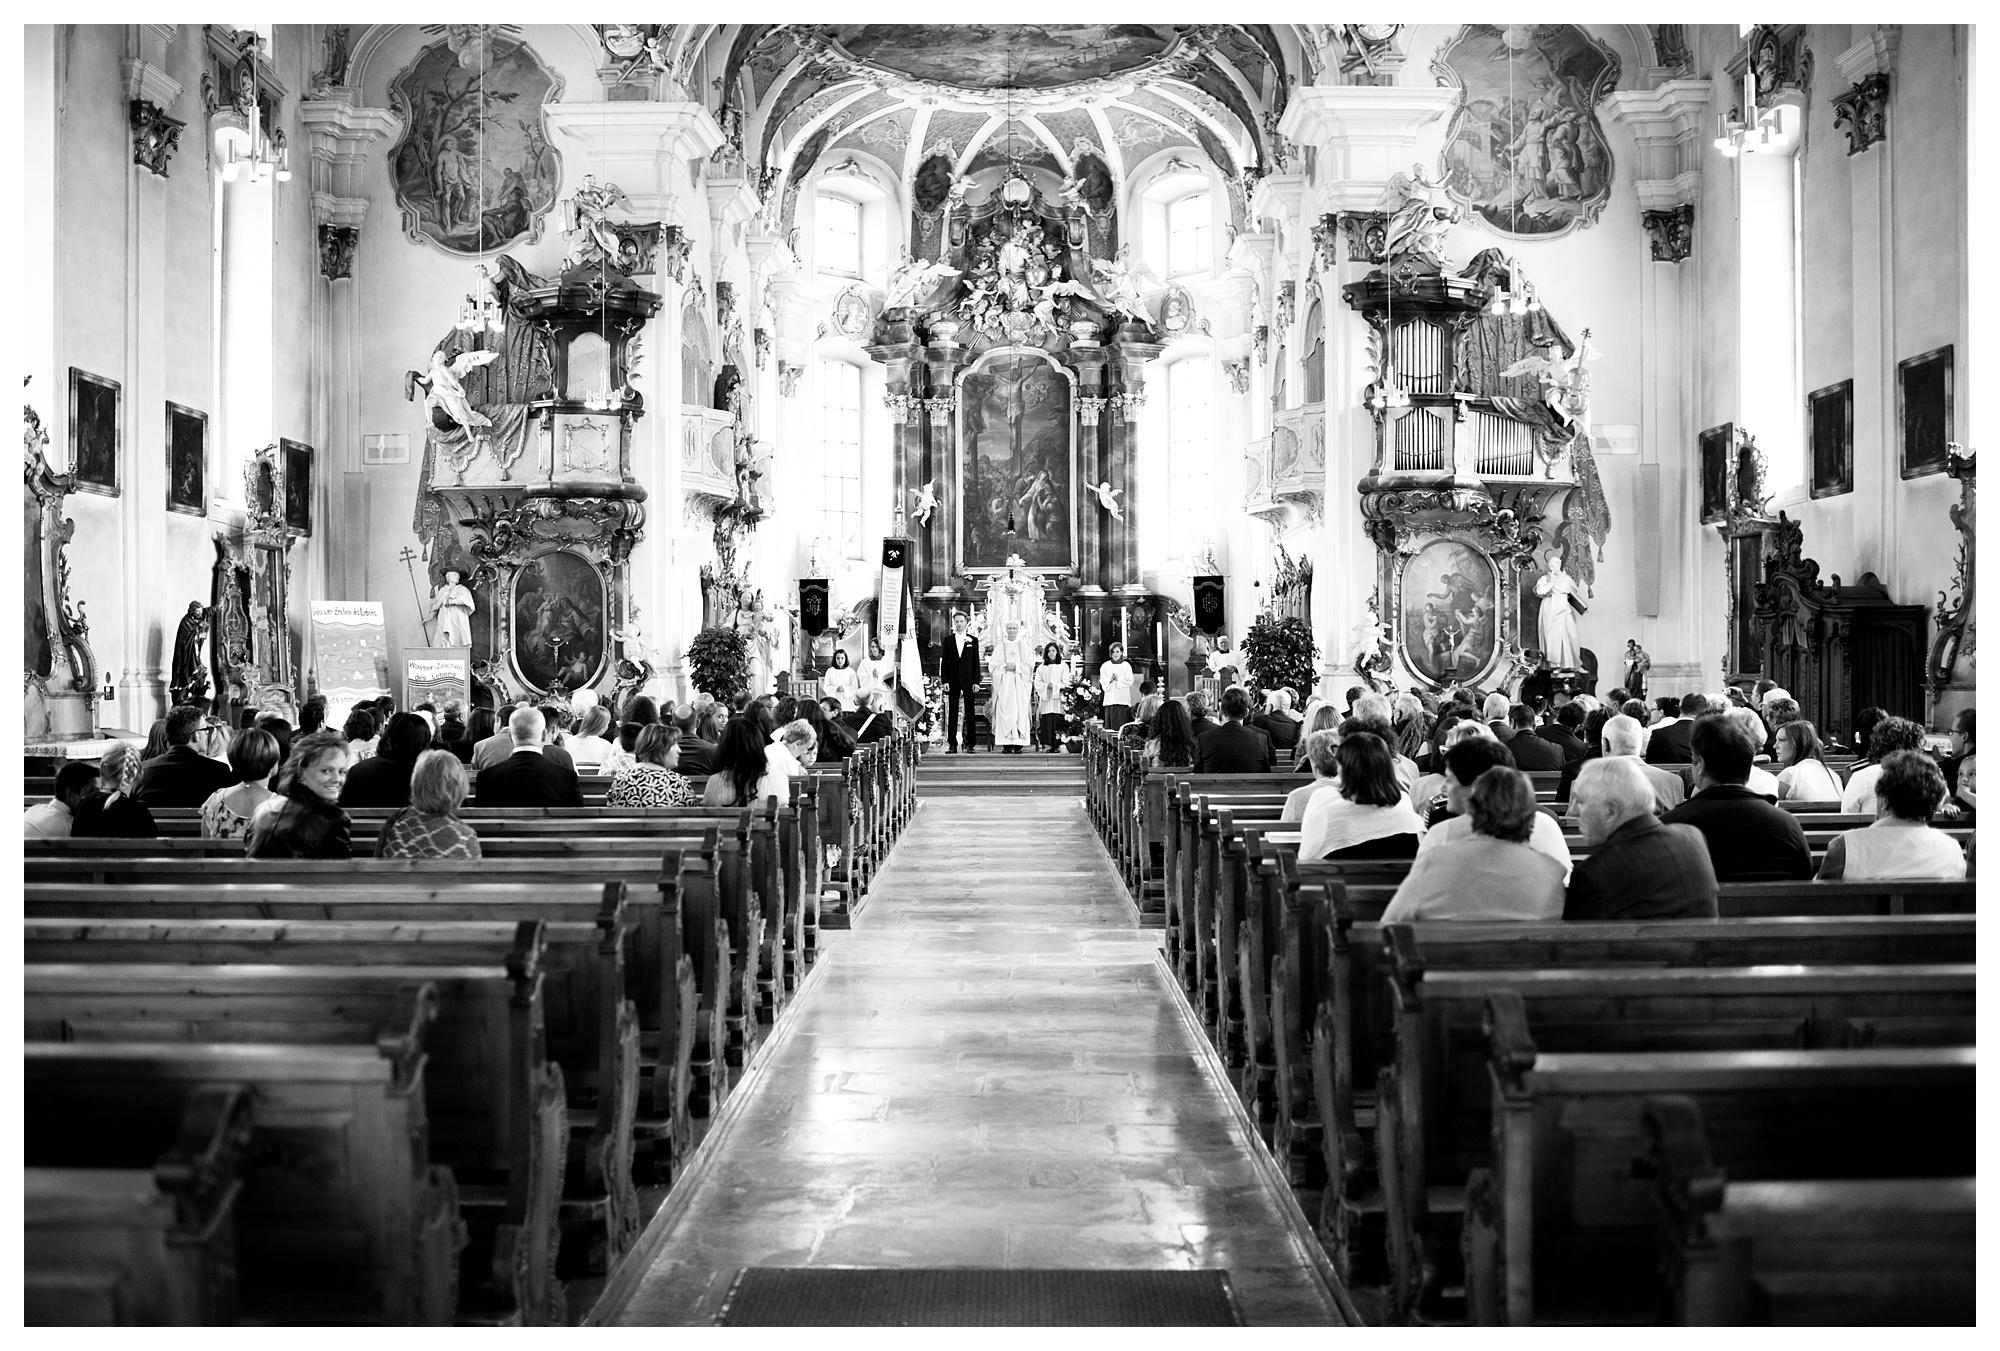 Fotograf Konstanz - Hochzeit Tanja Elmar Elmar Feuerbacher Photography Konstanz Messkirch Highlights 020 - Hochzeitsreportage von Tanja und Elmar im Schloss Meßkirch  - 19 -